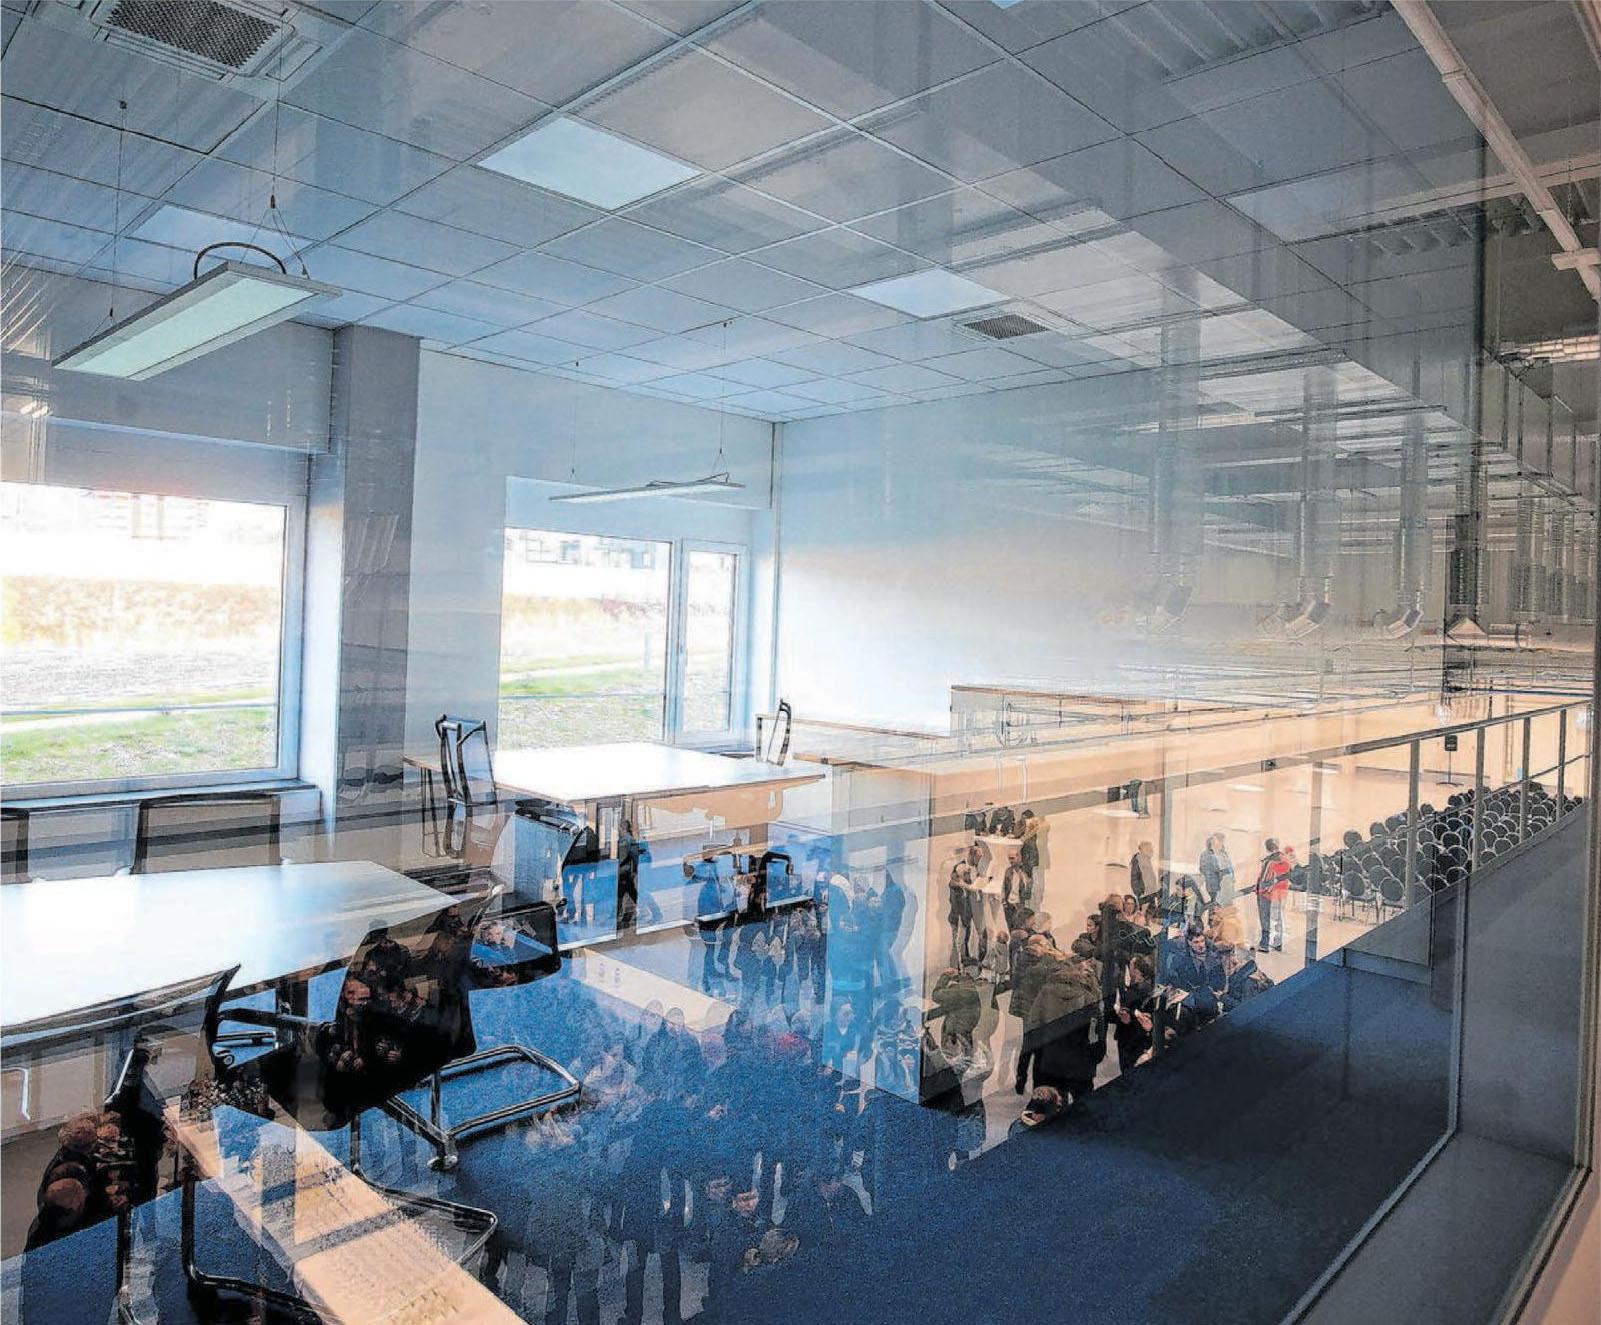 Die neue Halle präsentiert sich mit moderner Architektur und Inneneinrichtung.